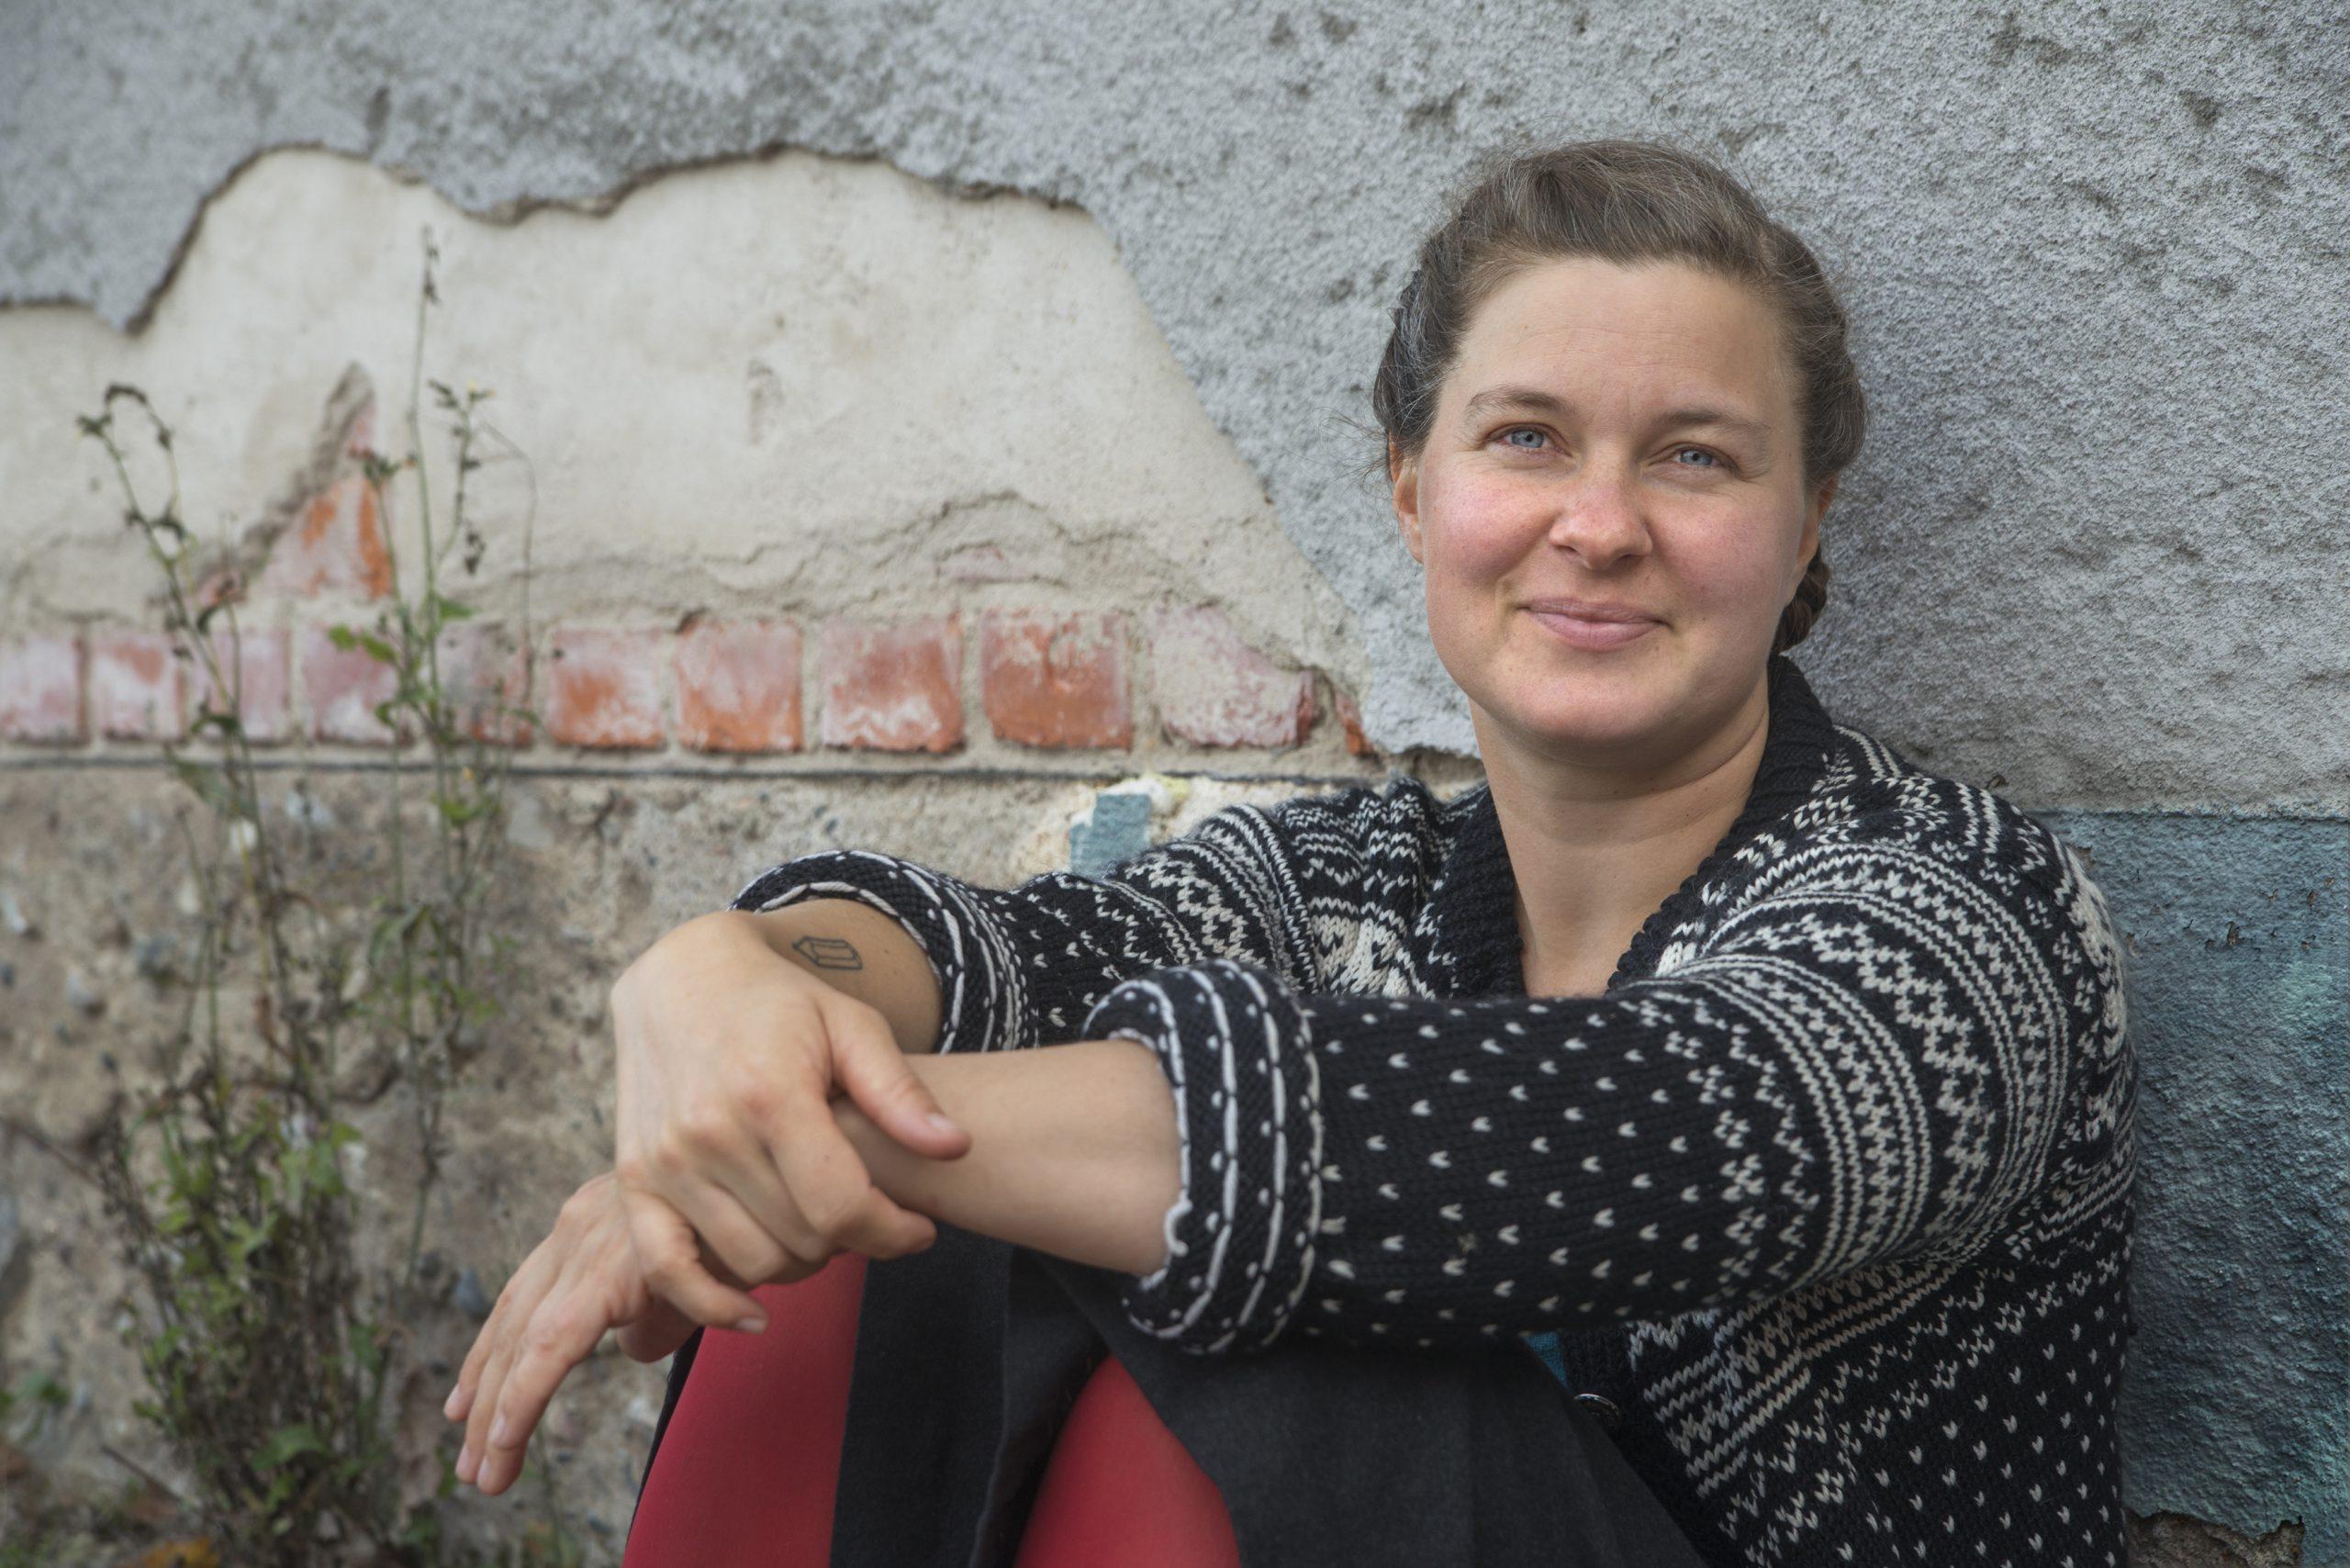 Foto: Nina Hellström